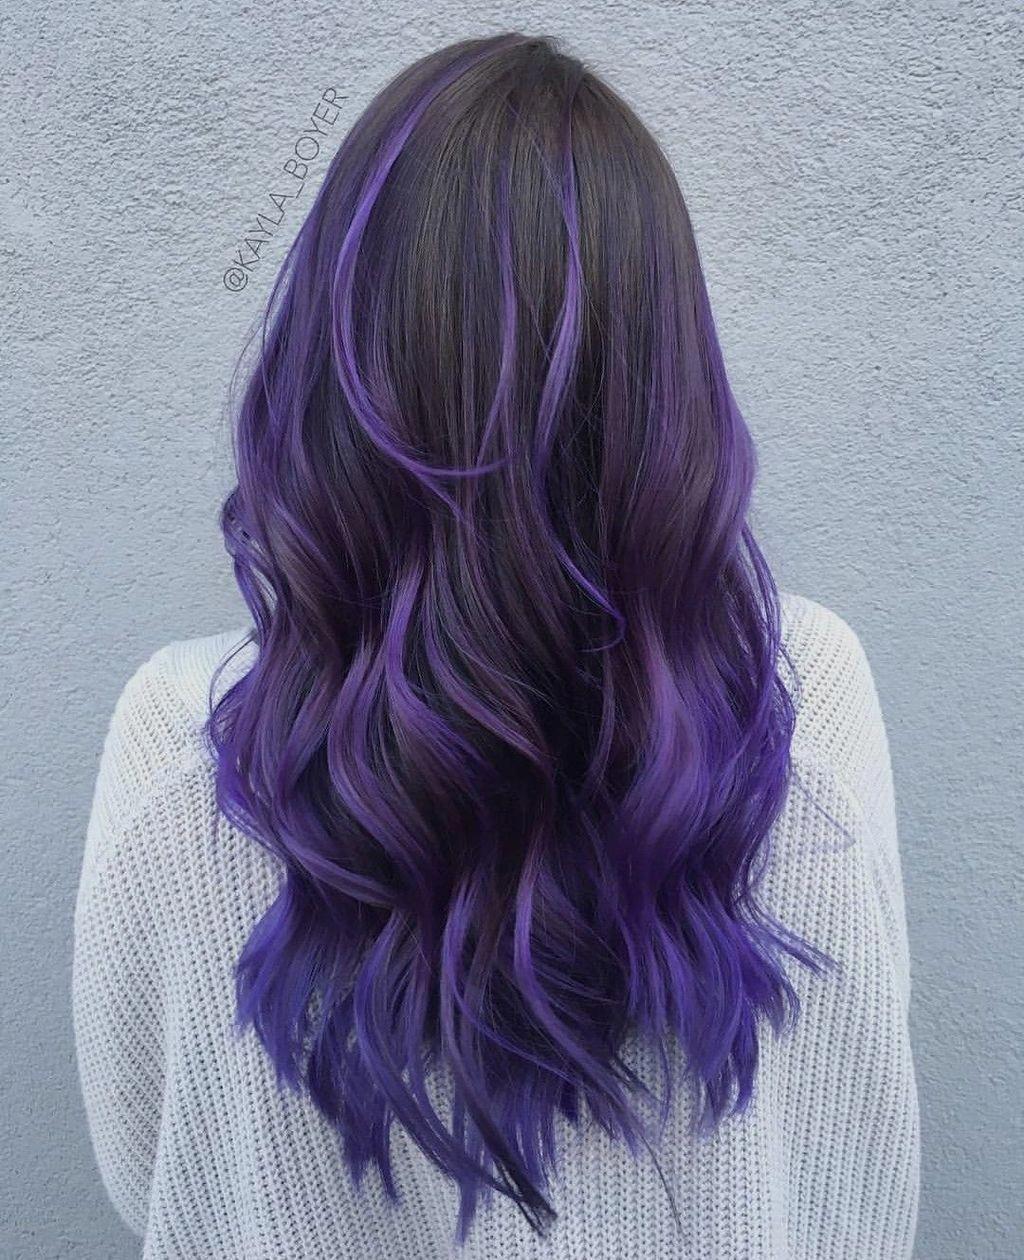 #haircolorblonde | Lila haare ombre, Ombré haare, Haarfarben